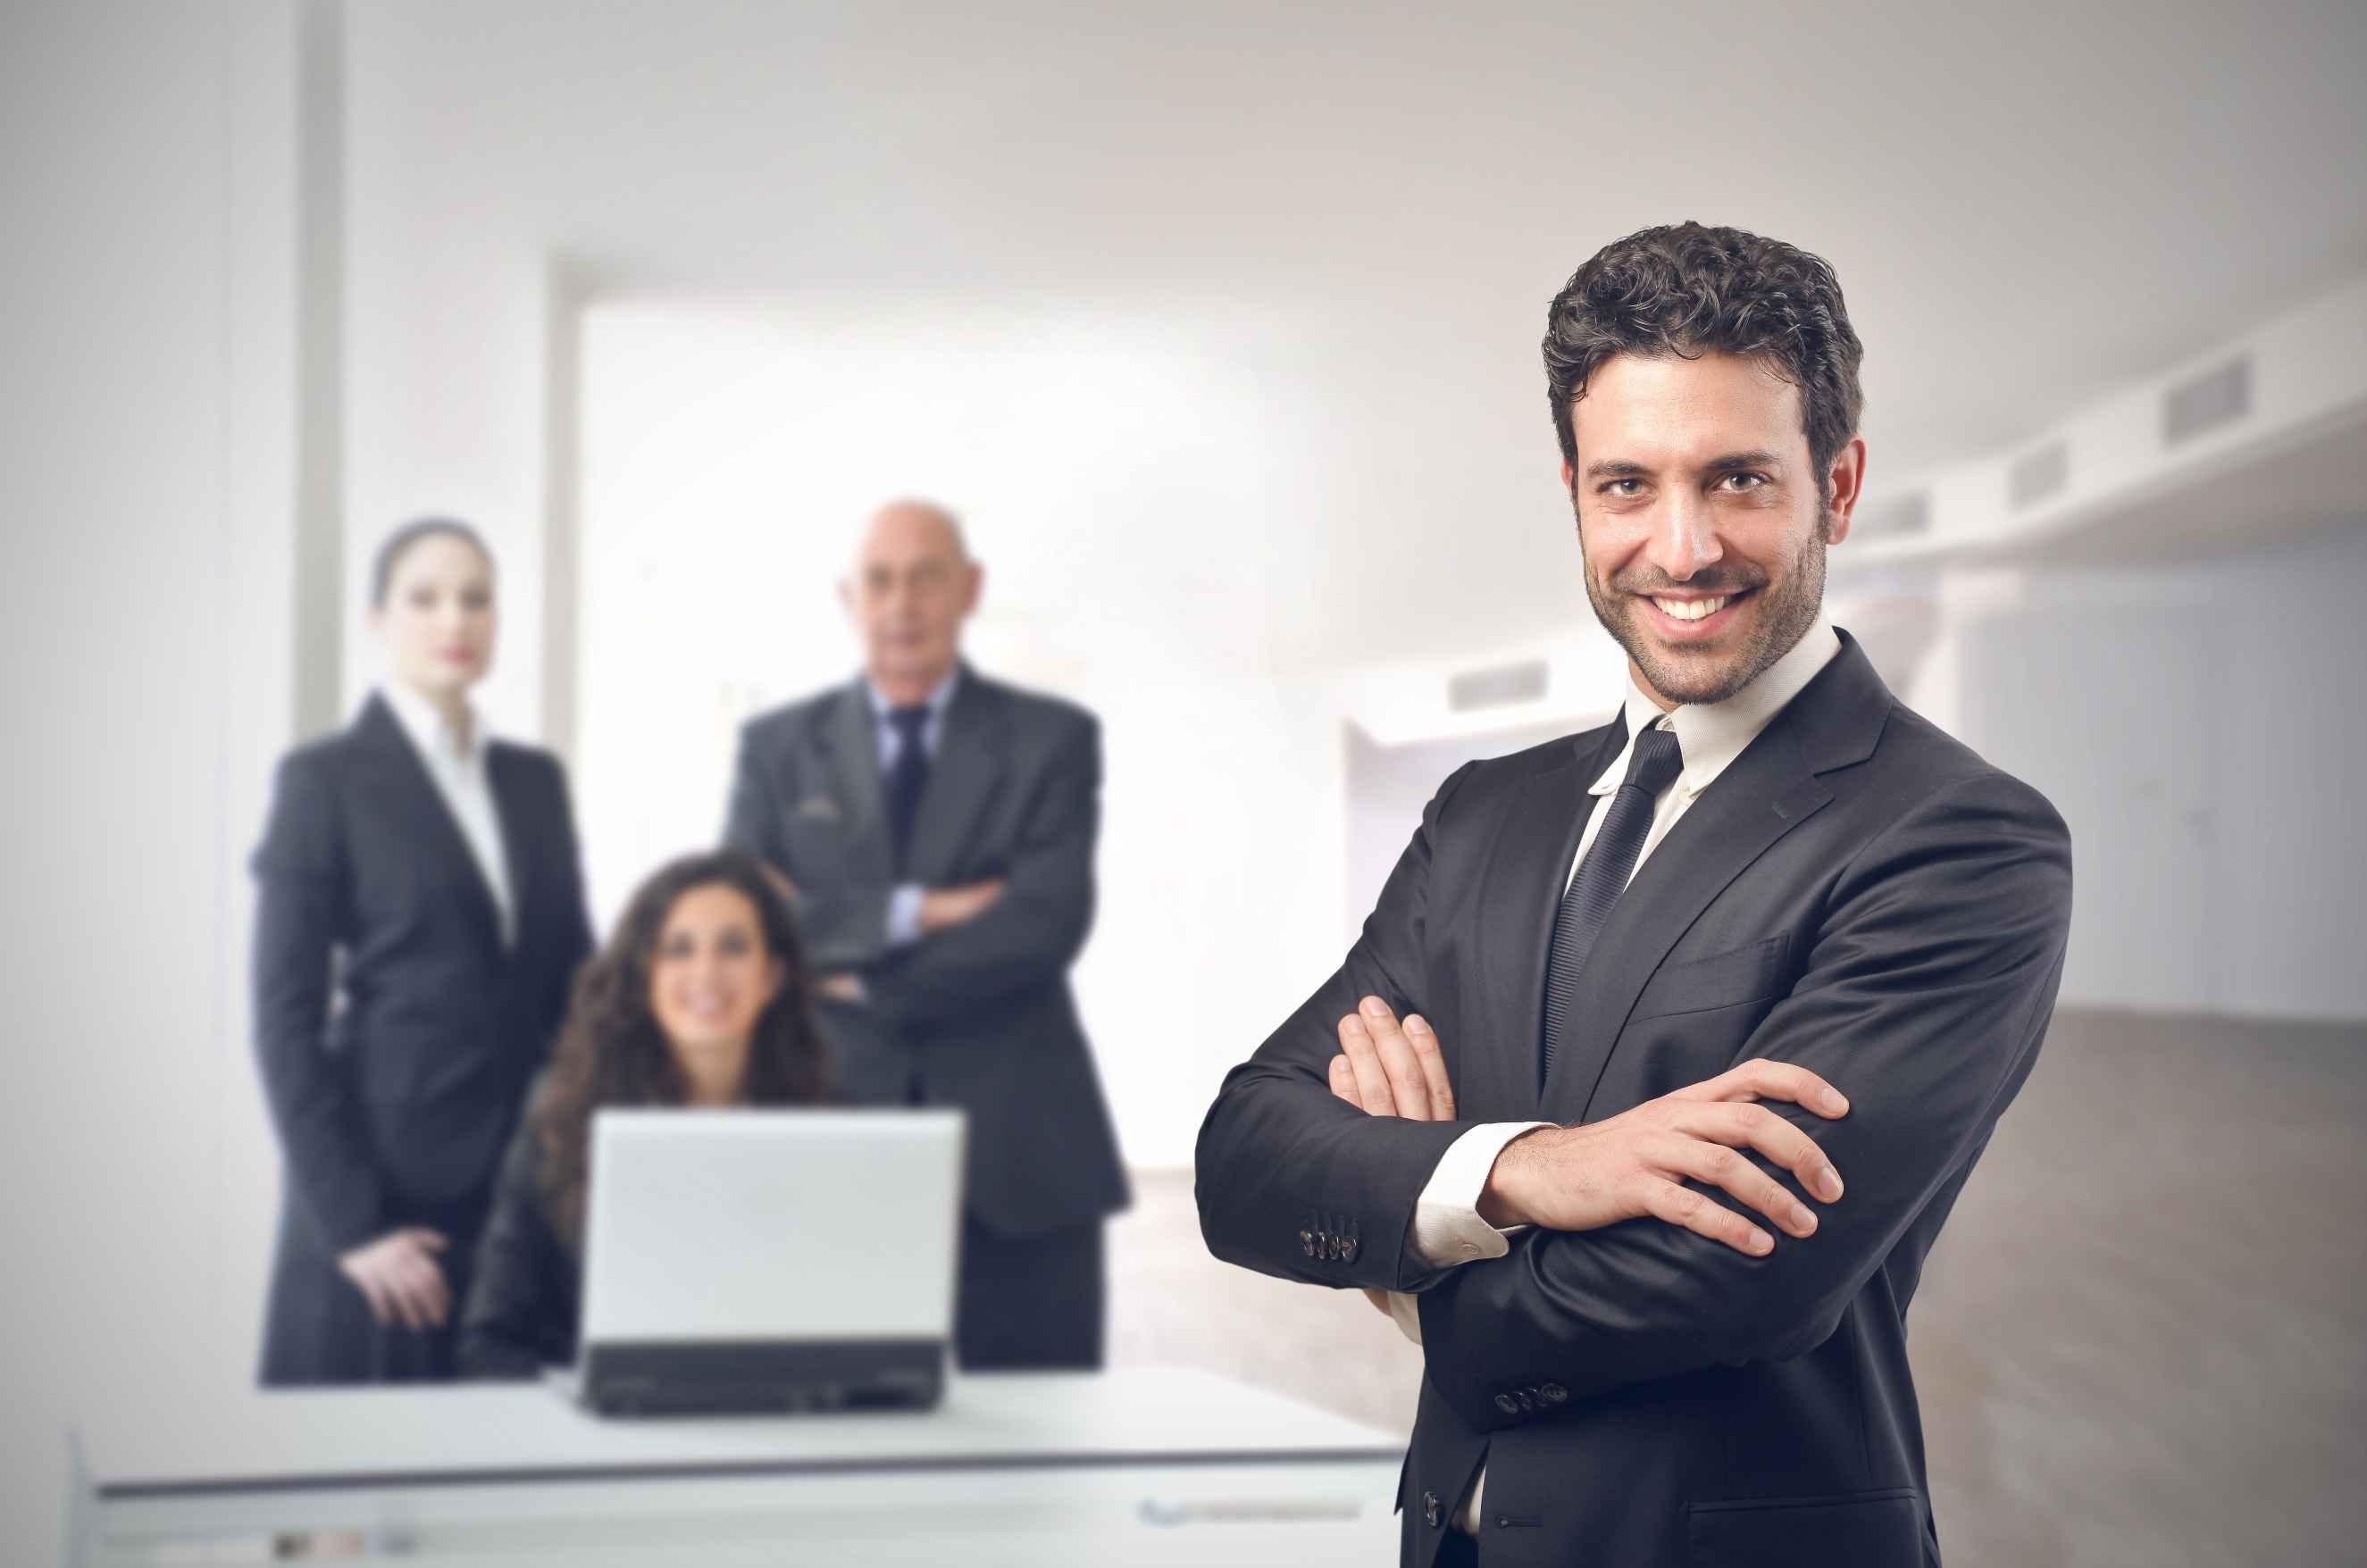 نقش حضور فیزیکی مدیران در محیط کار